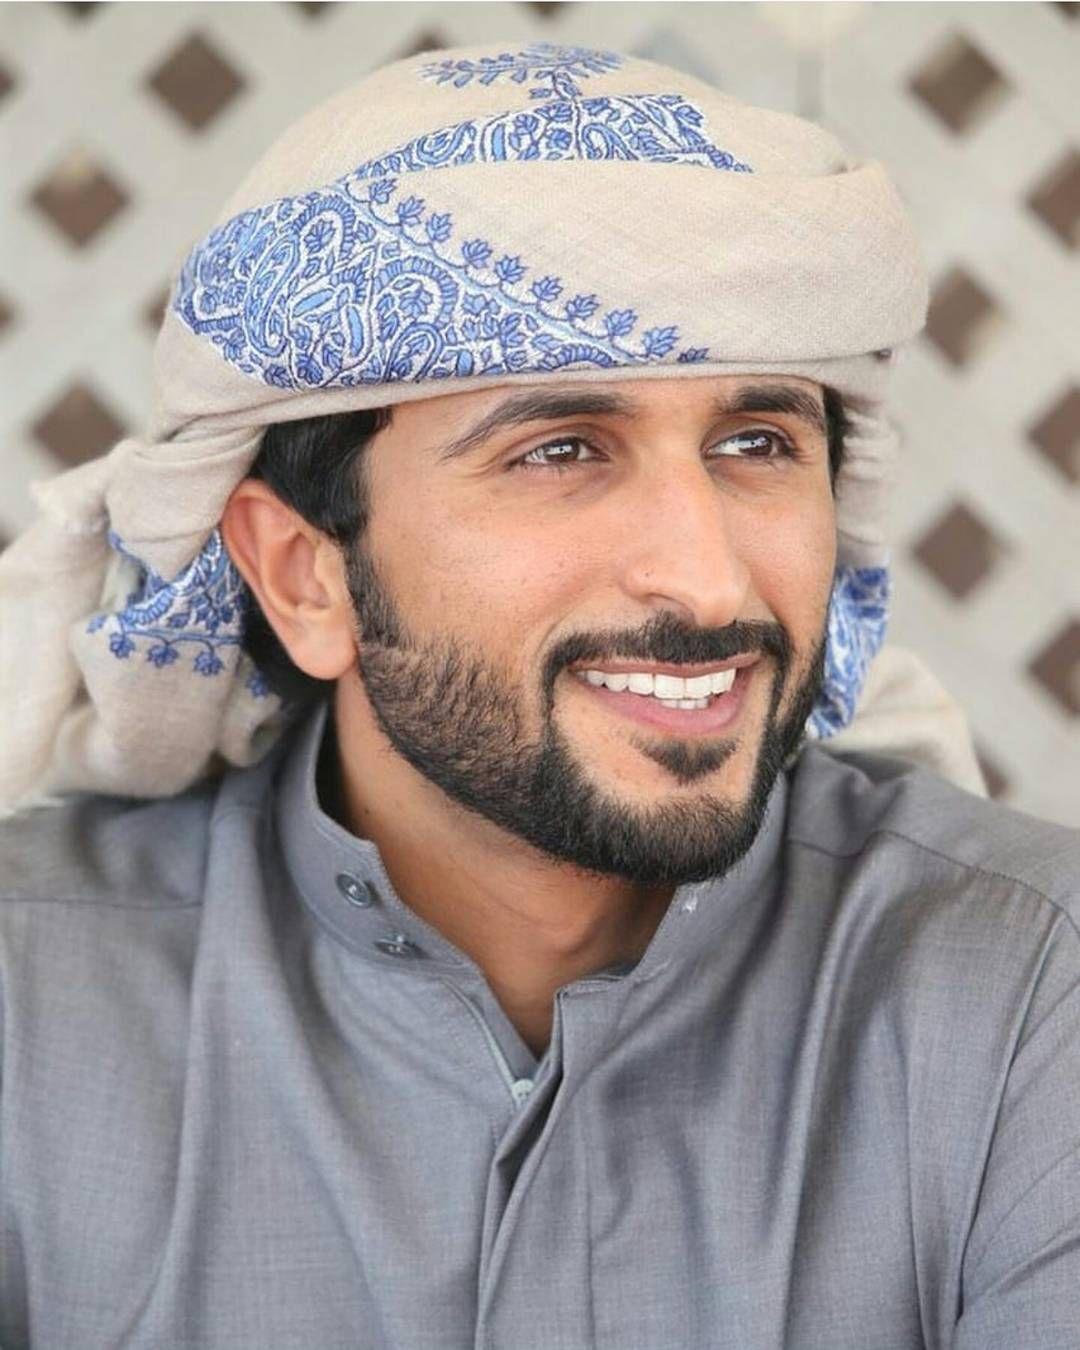 Pin On Sheikh Nasser Bin Hamad Al Khalifa Of Bahrain